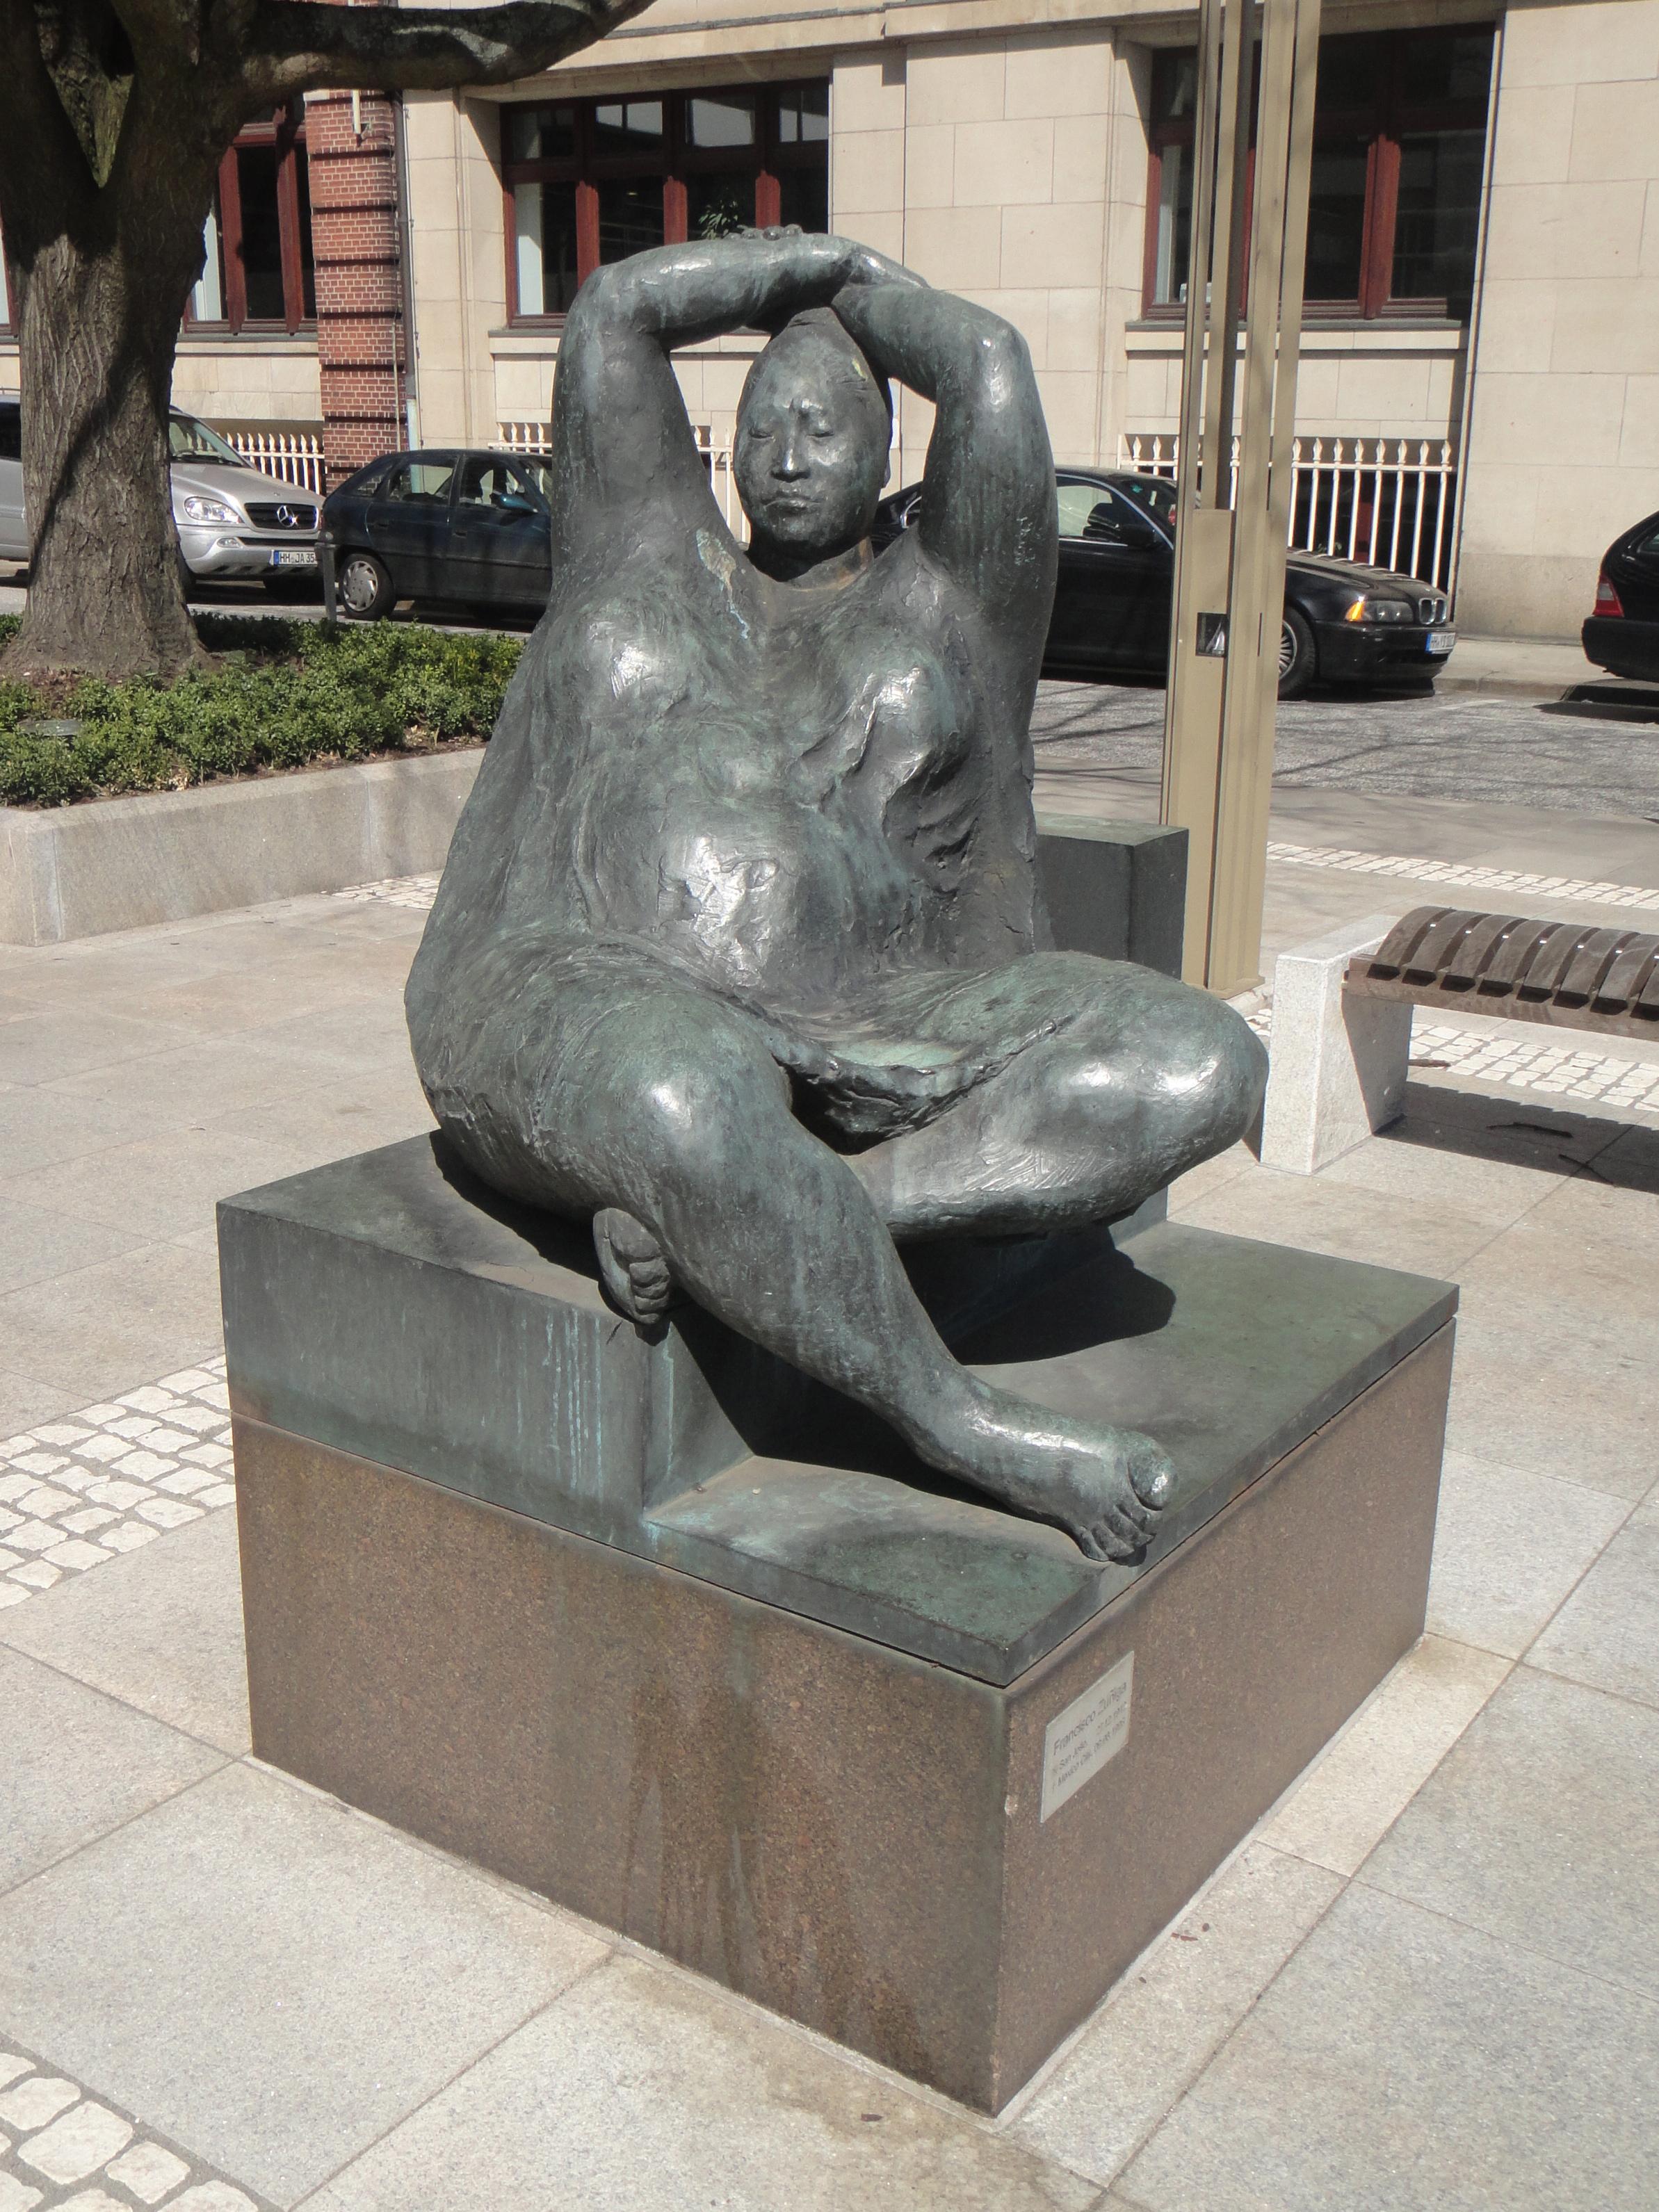 Francisco Zuniga 1912 - 1998